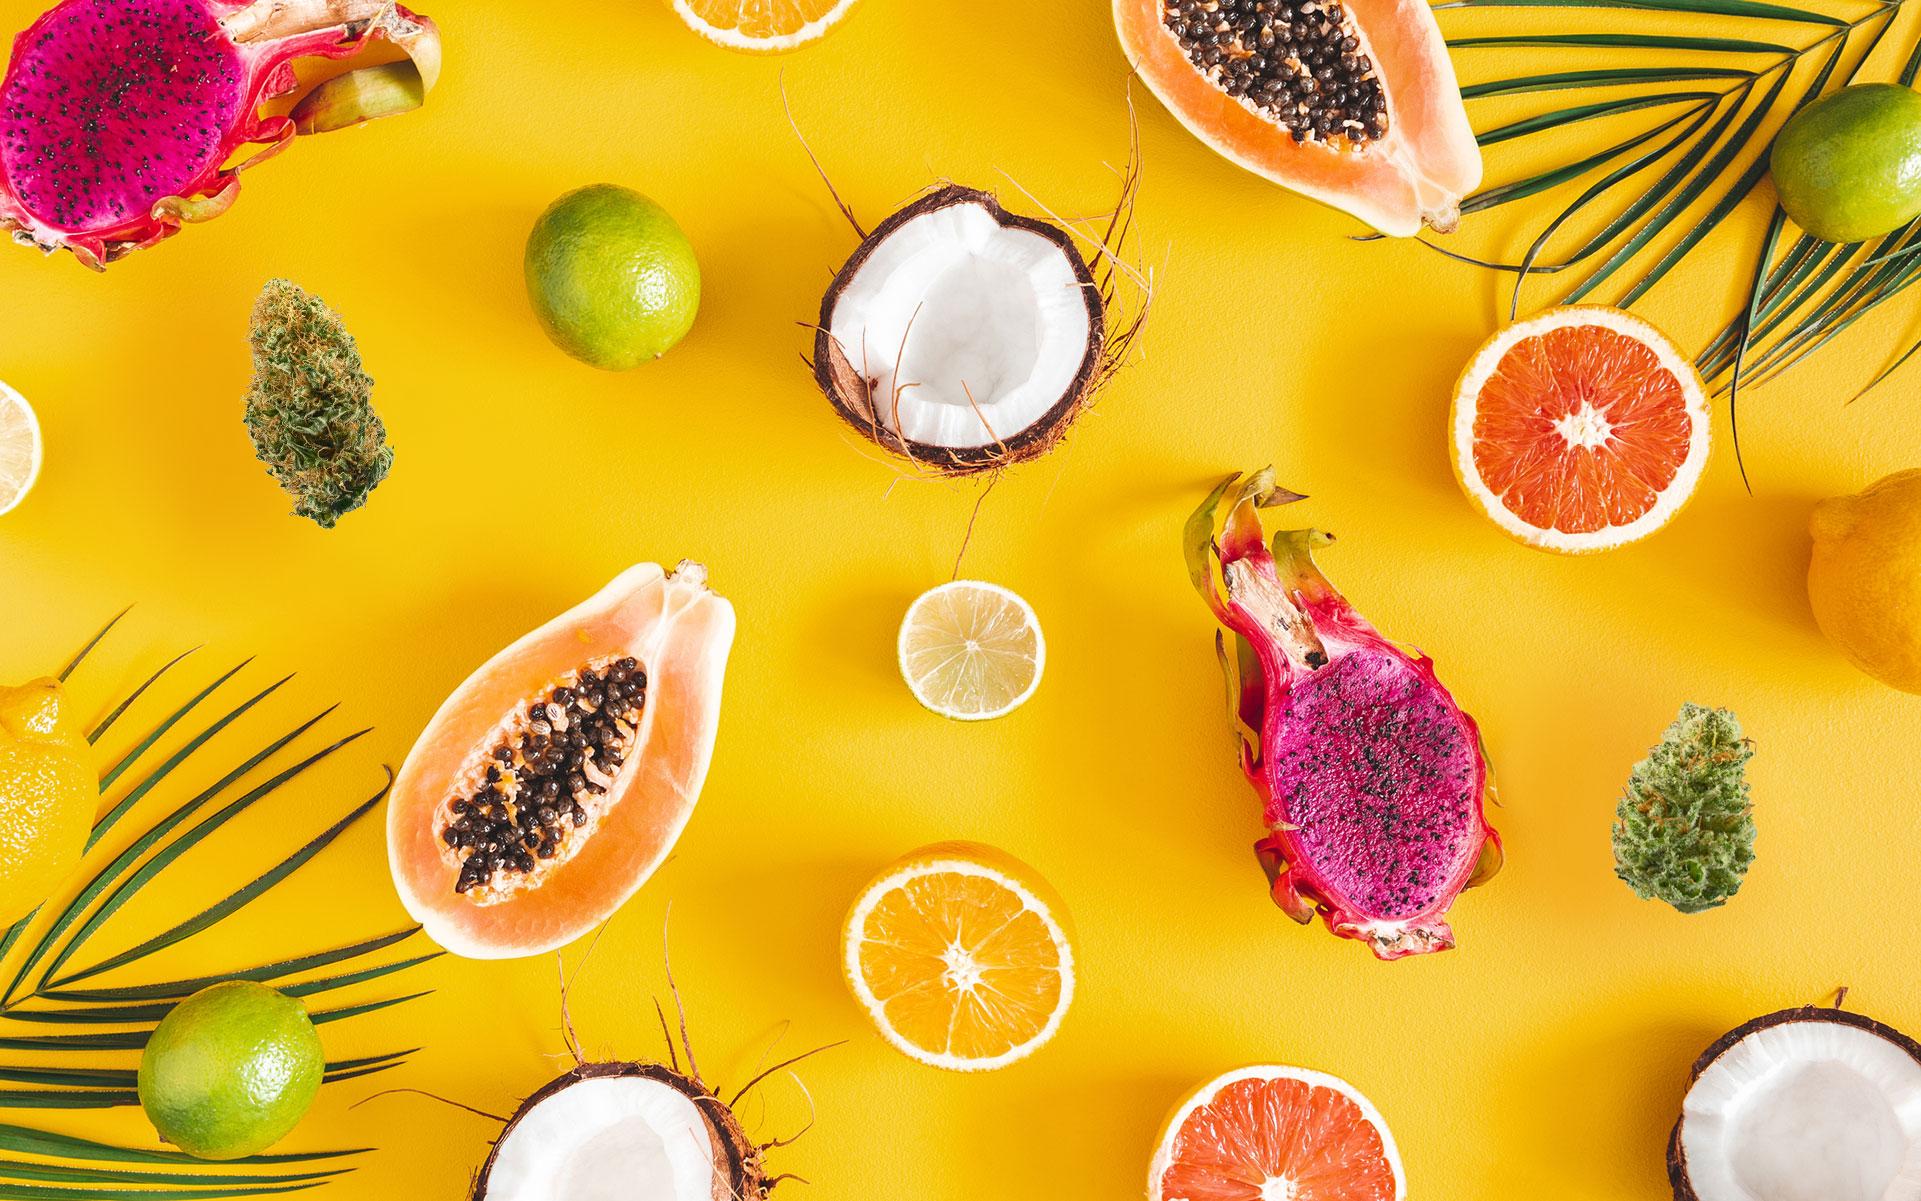 tropical terpenes, strains